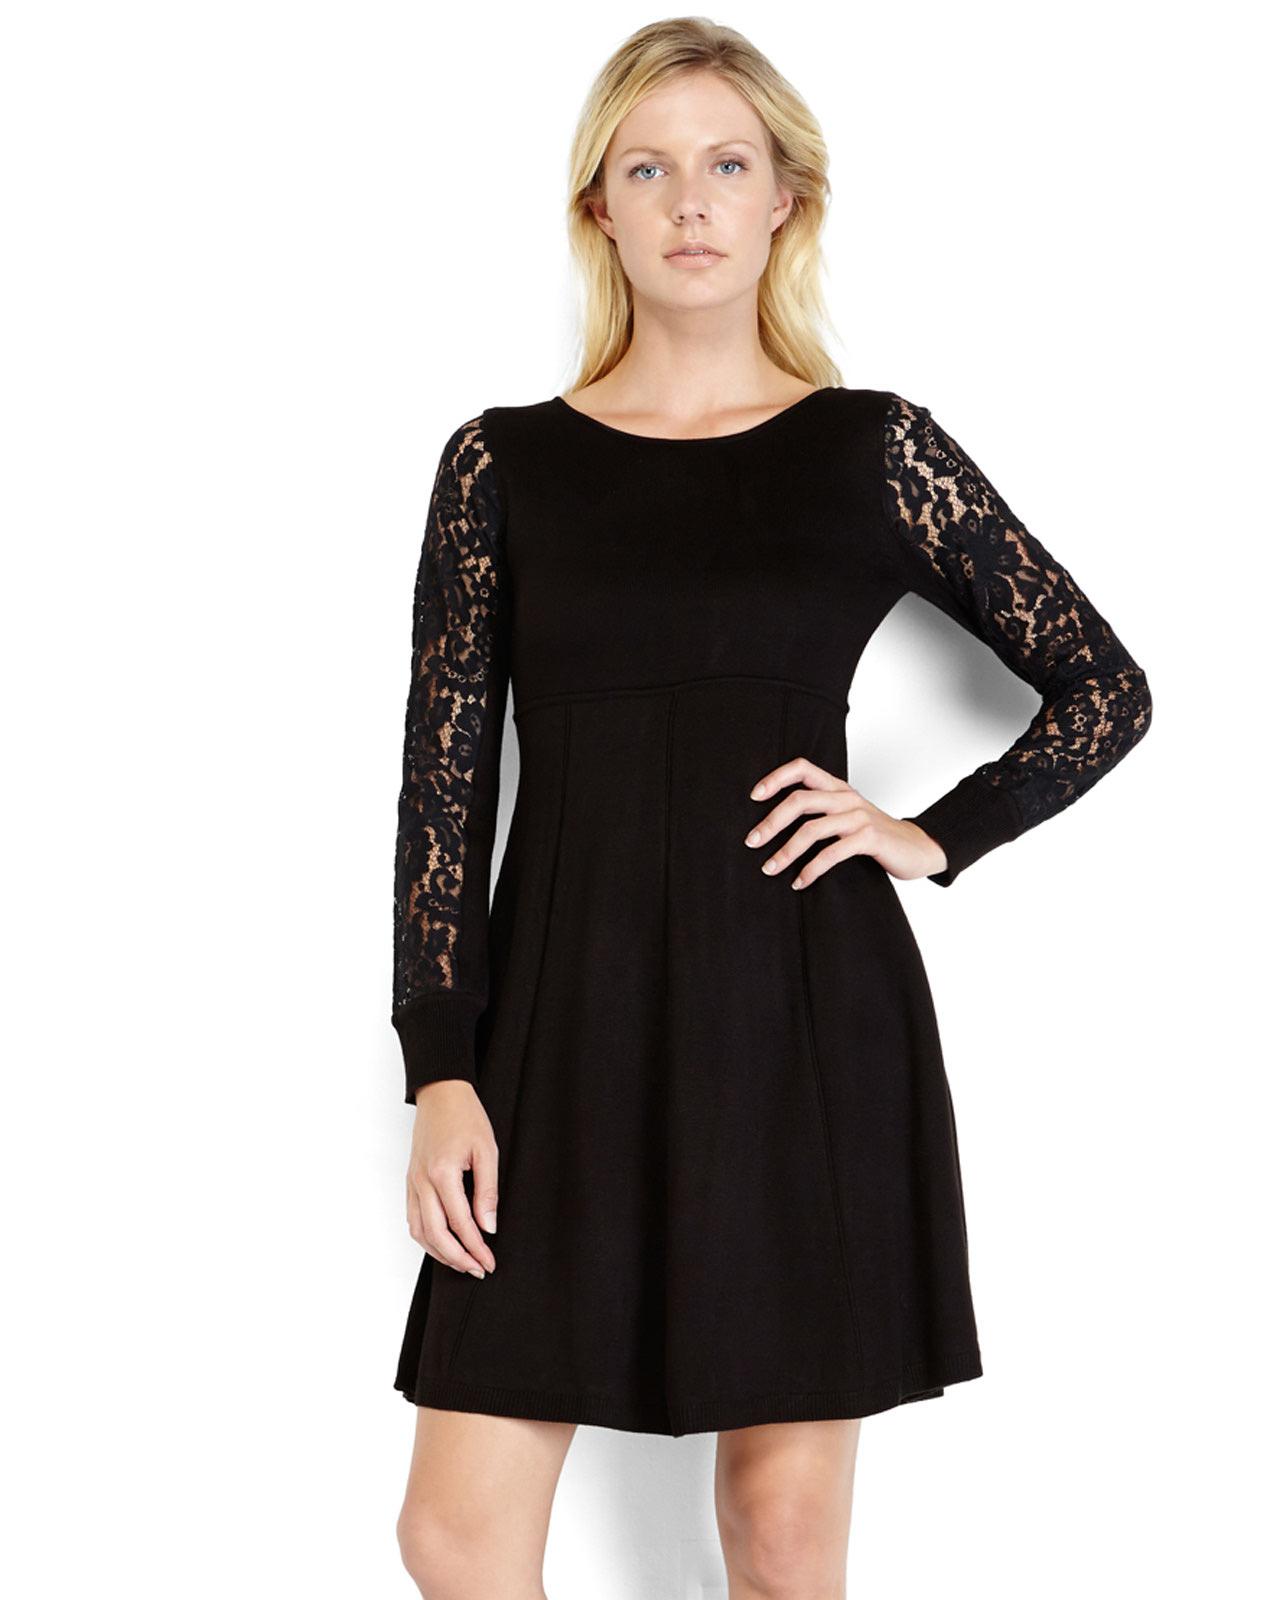 Empire Waist Black Dress - Qi Dress